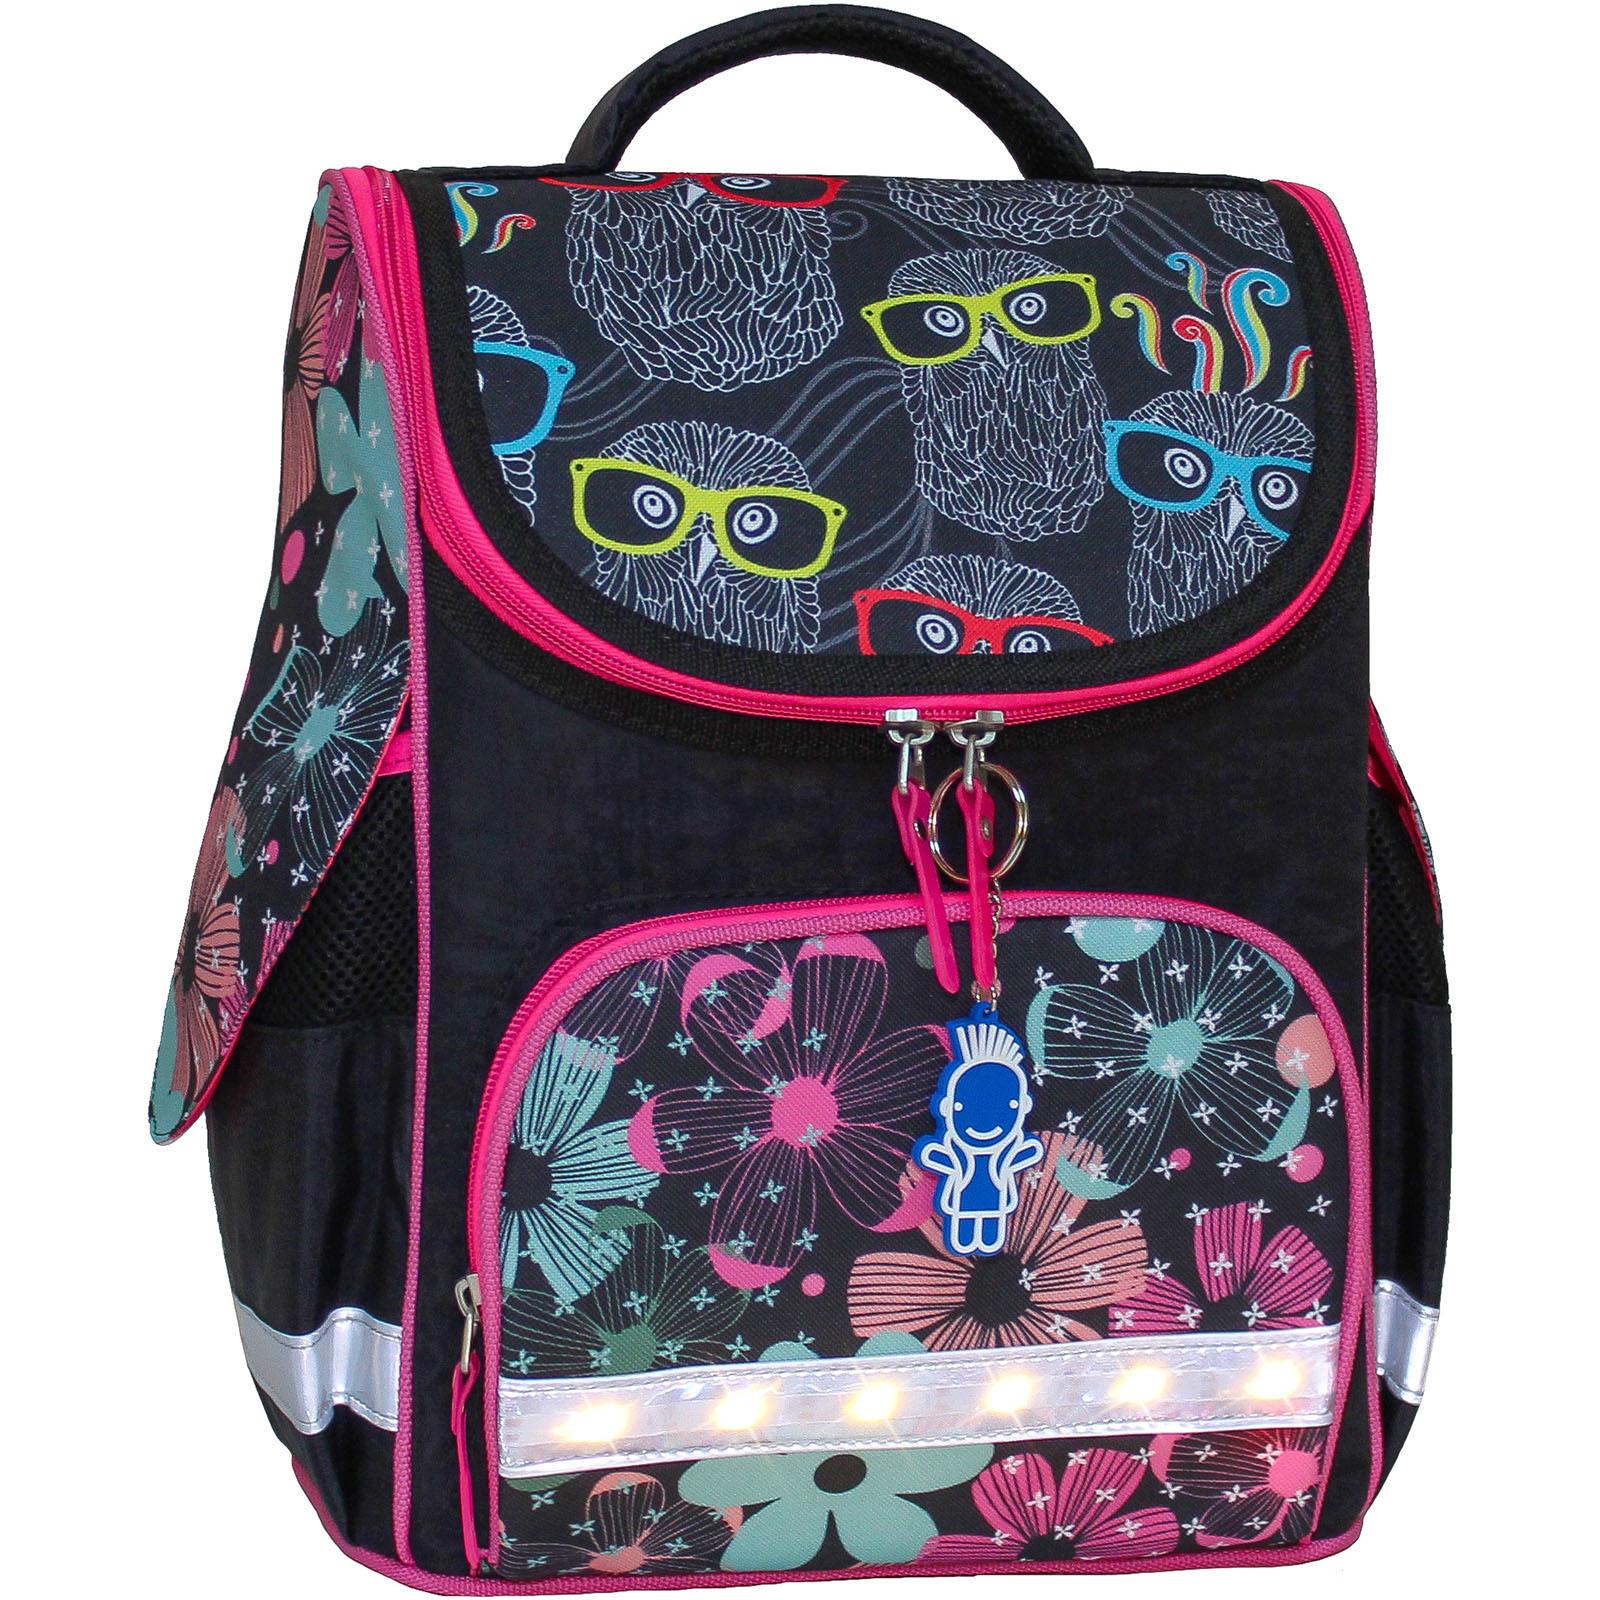 Школьные рюкзаки Рюкзак школьный каркасный с фонариками Bagland Успех 12 л. черный 403 (00551703) IMG_8152.JPG